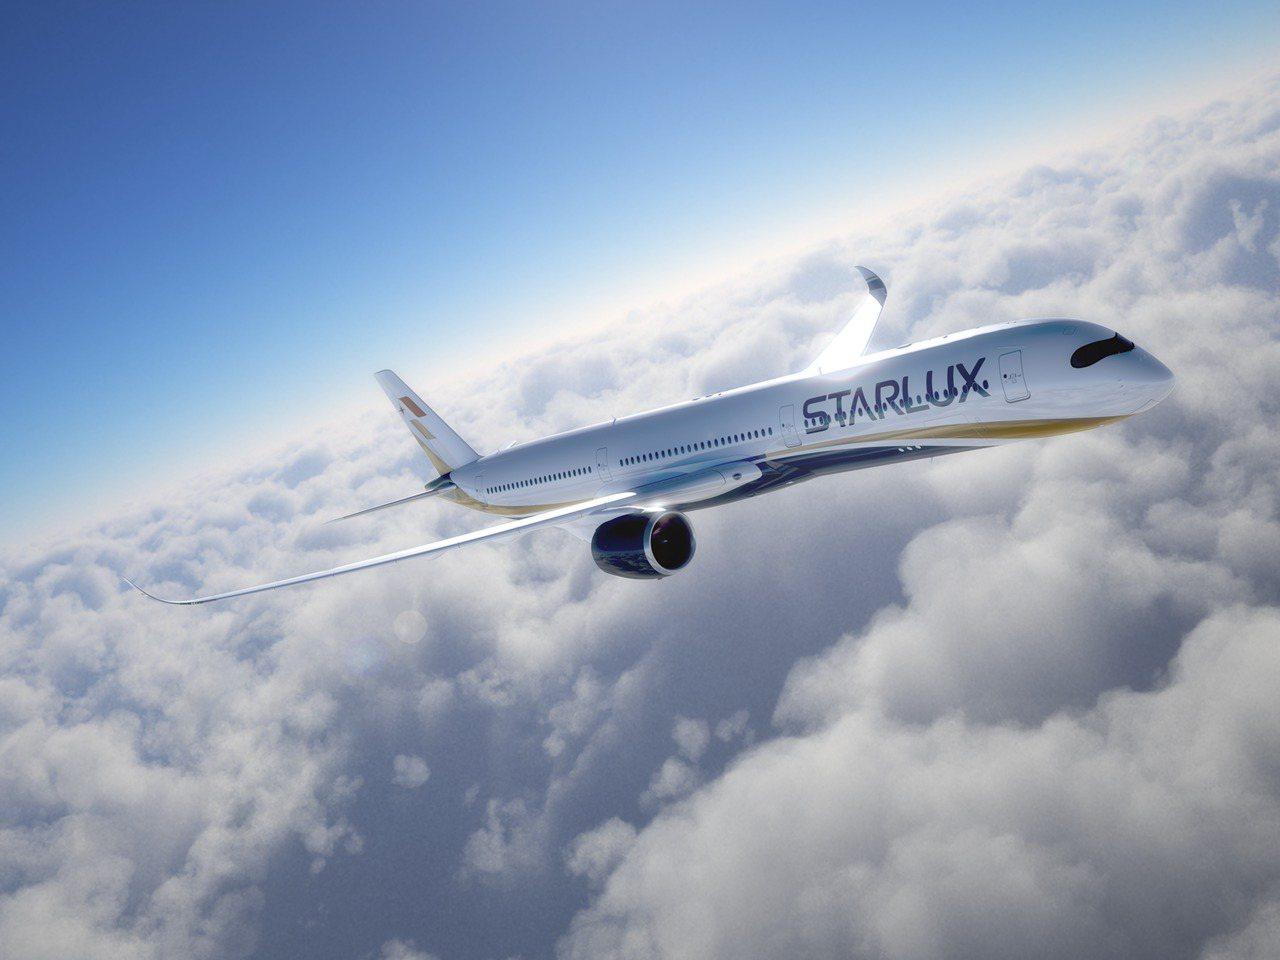 「星宇北美戰略調整 A350-900增為9架將成主力機隊」的圖片搜尋結果